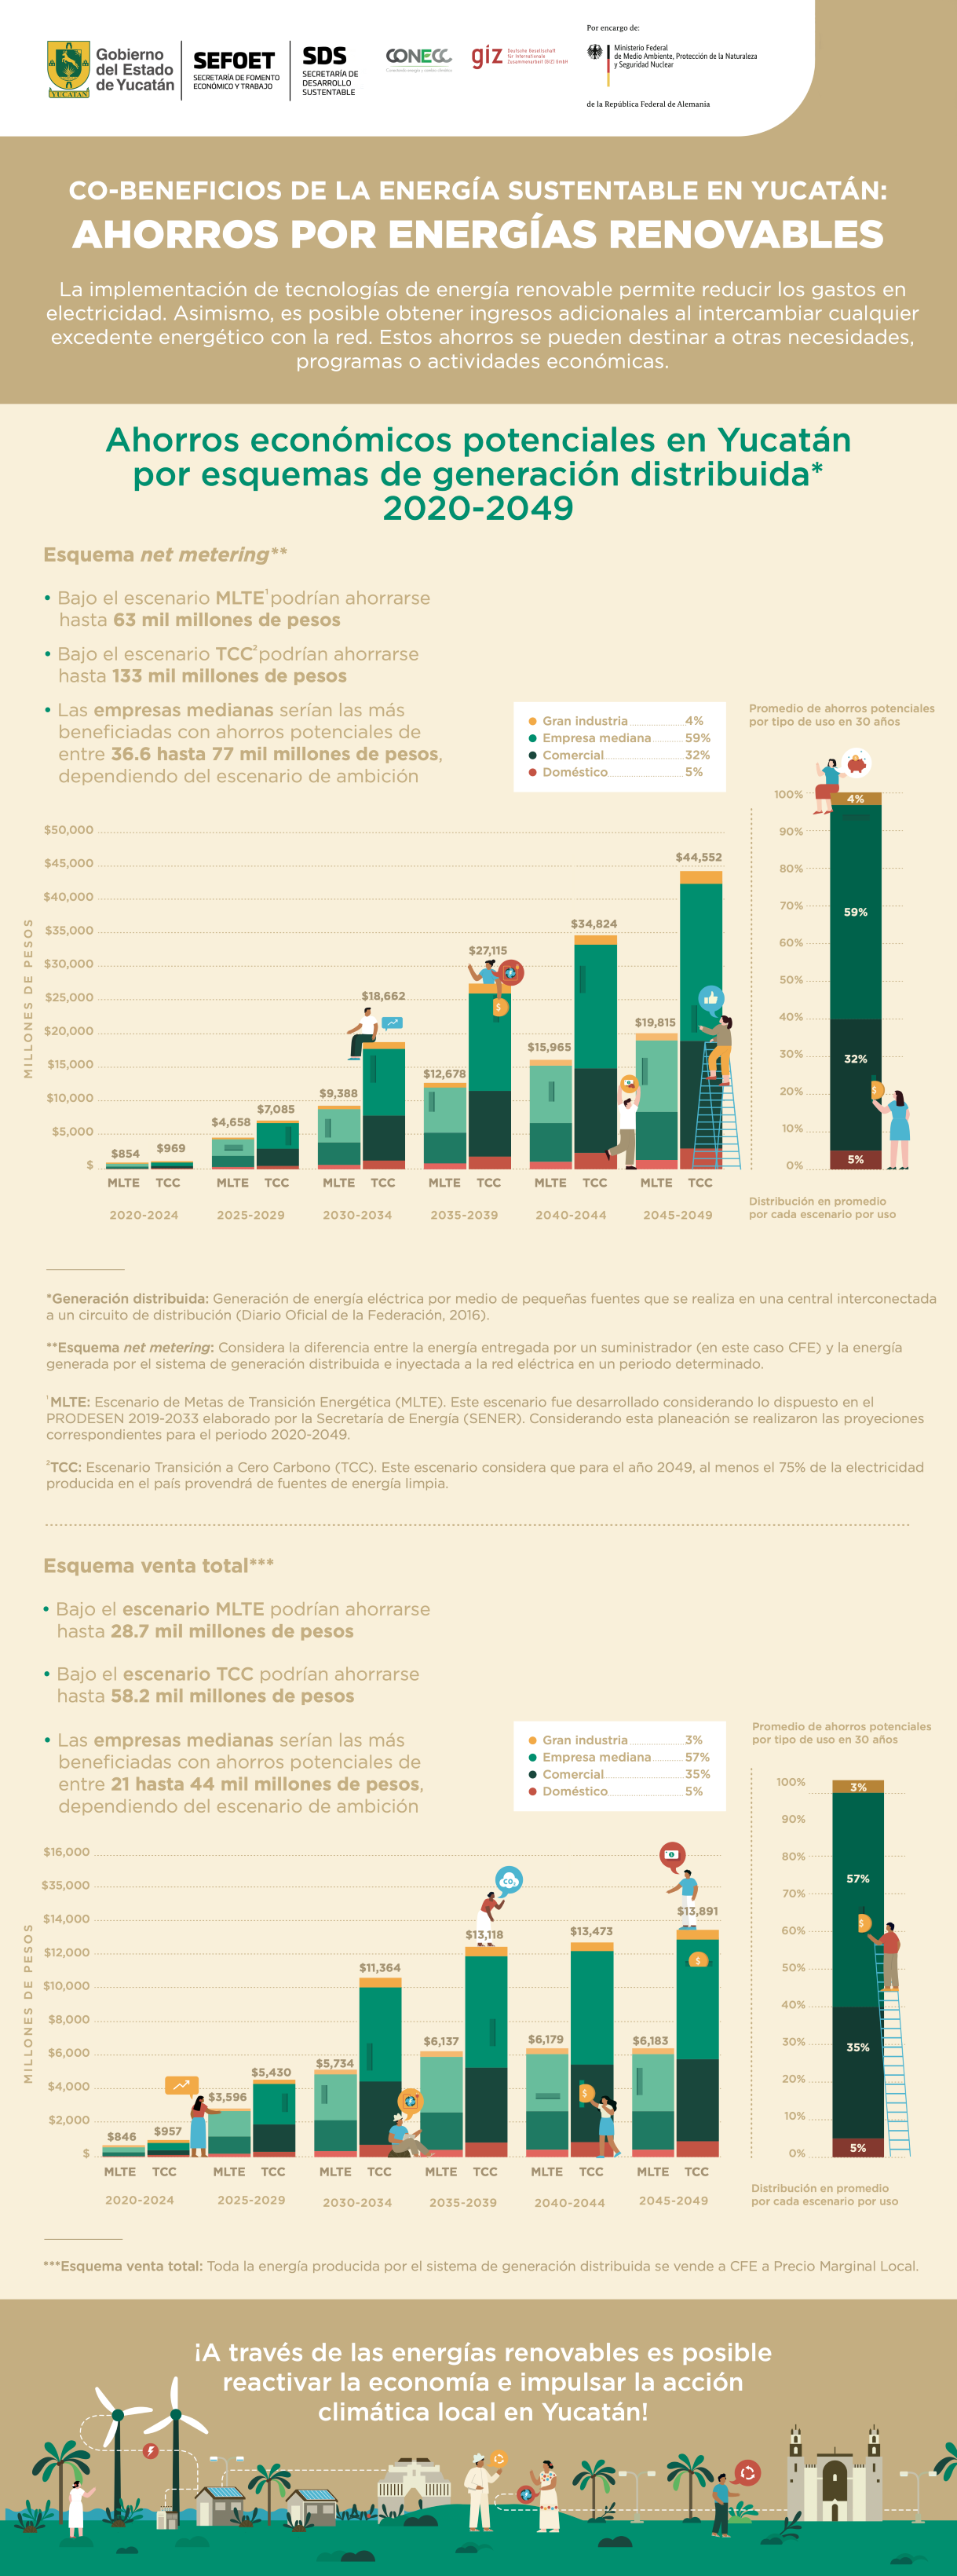 POTENCIAL DE AHORROS ECONÓMICOS DERIVADOS DE LA IMPLEMENTACIÓN DE PROYECTOS DE GENERACIÓN DISTRIBUIDA EN EL ESTADO DE YUCATÁN ENTRE 2020-2049.